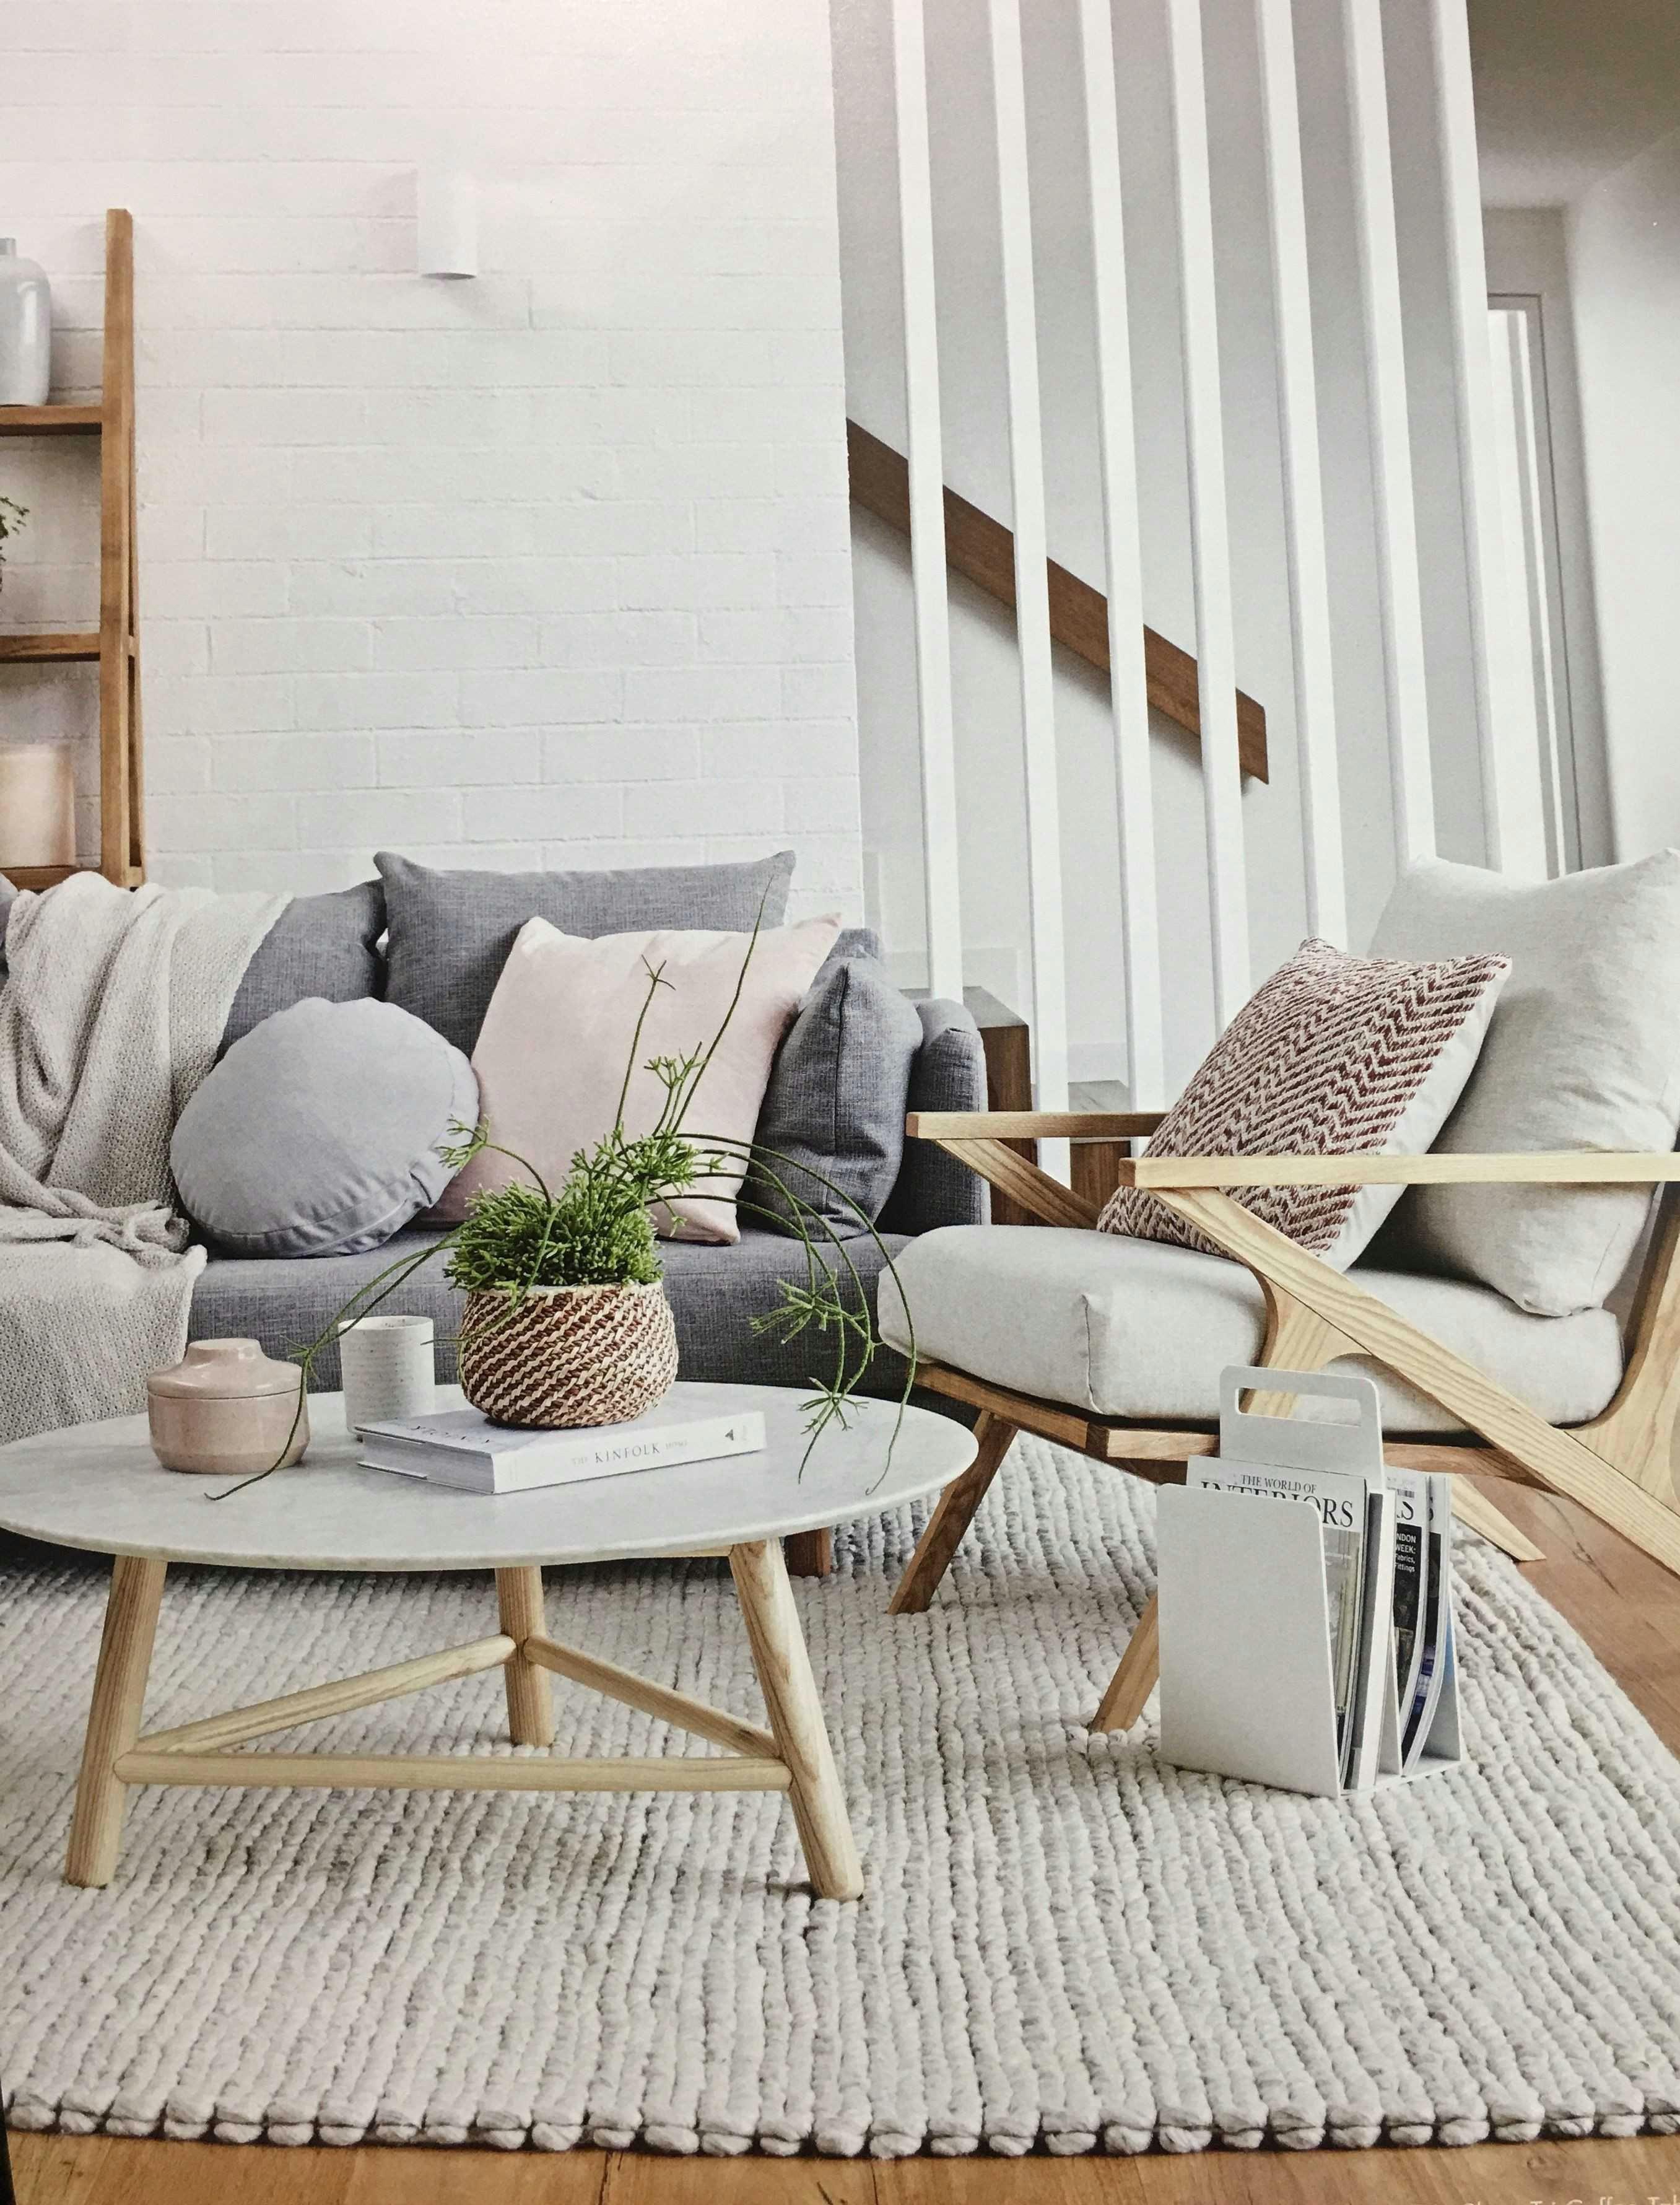 irish cottage interior design ideas fresh irish cottage interior design ideas cottage style living room furniture best wicker outdoor sofa 0d